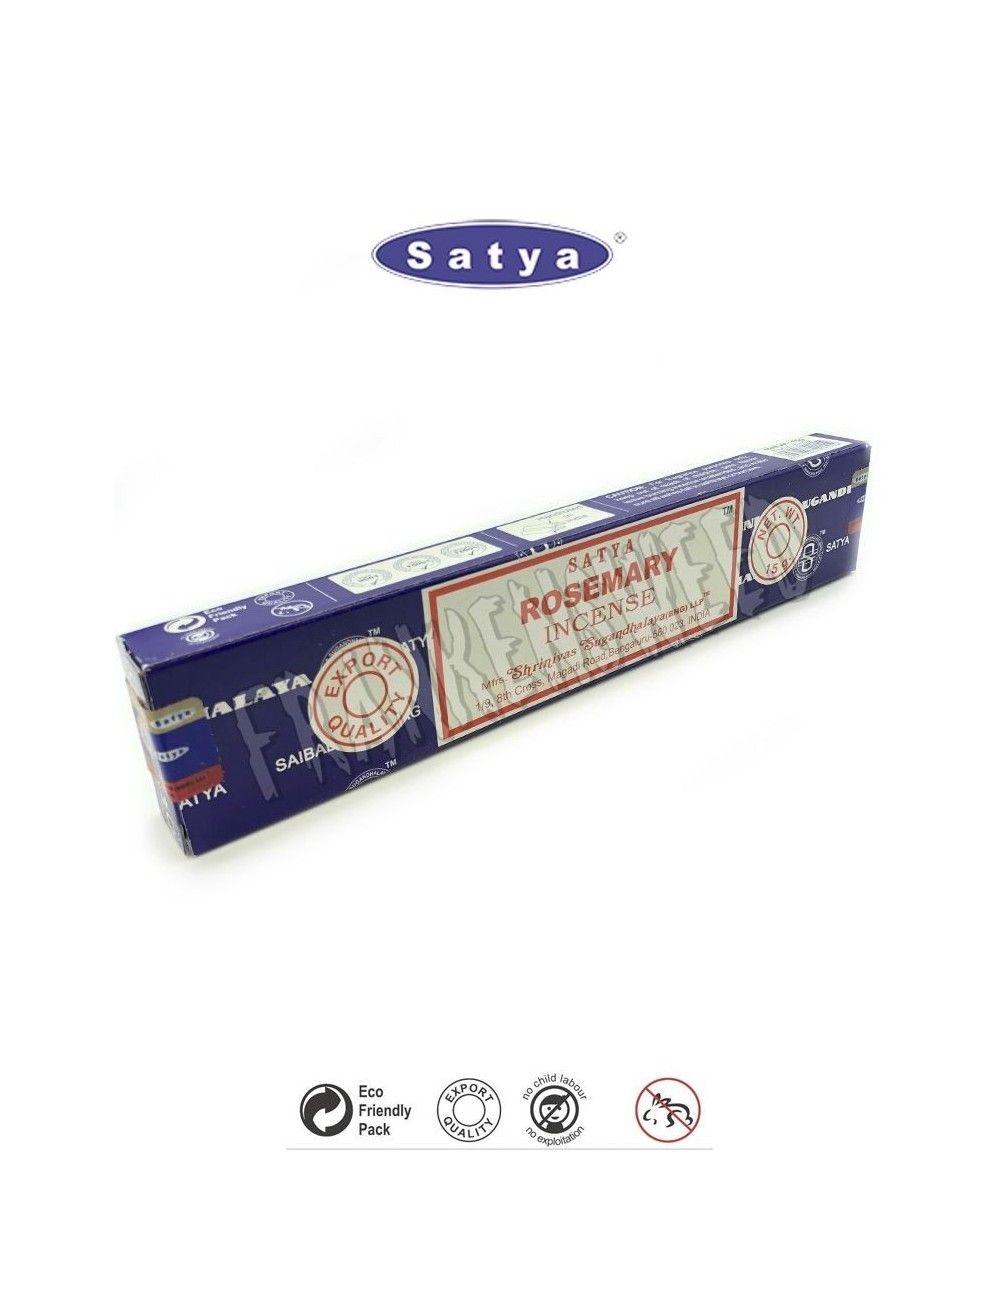 Rosemary Satya Sai Baba Incense Sticks